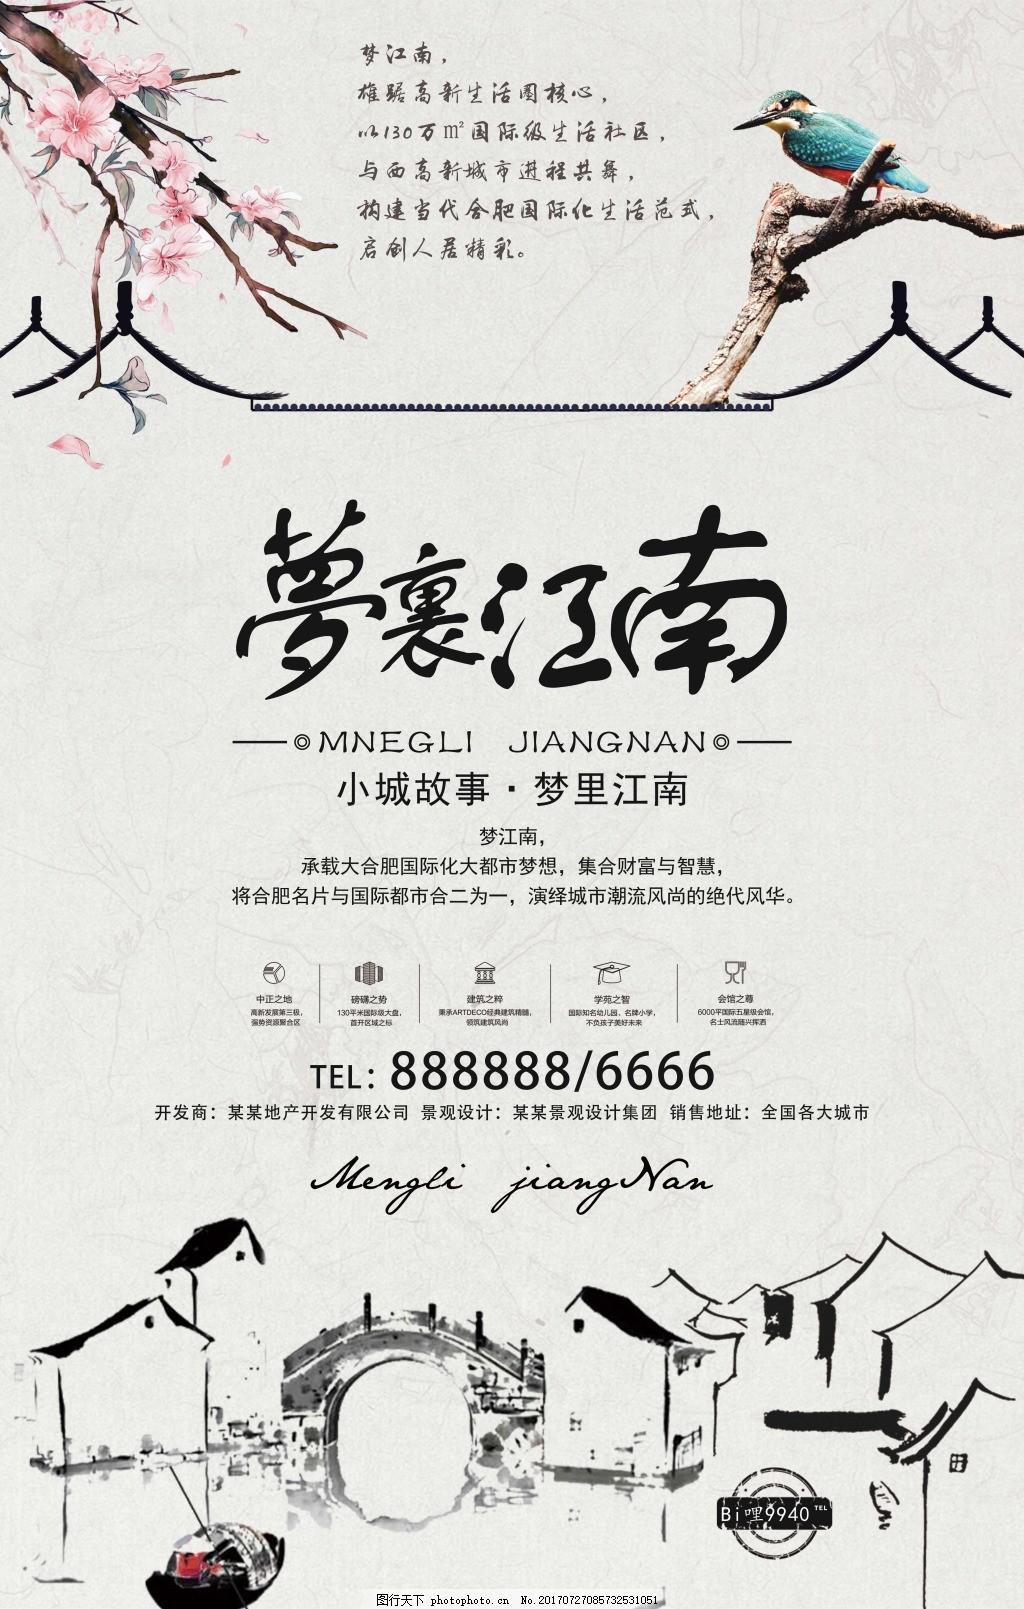 徽派风格商业地产海报 江南 水墨风 房产海报 宣传单 单页 展架